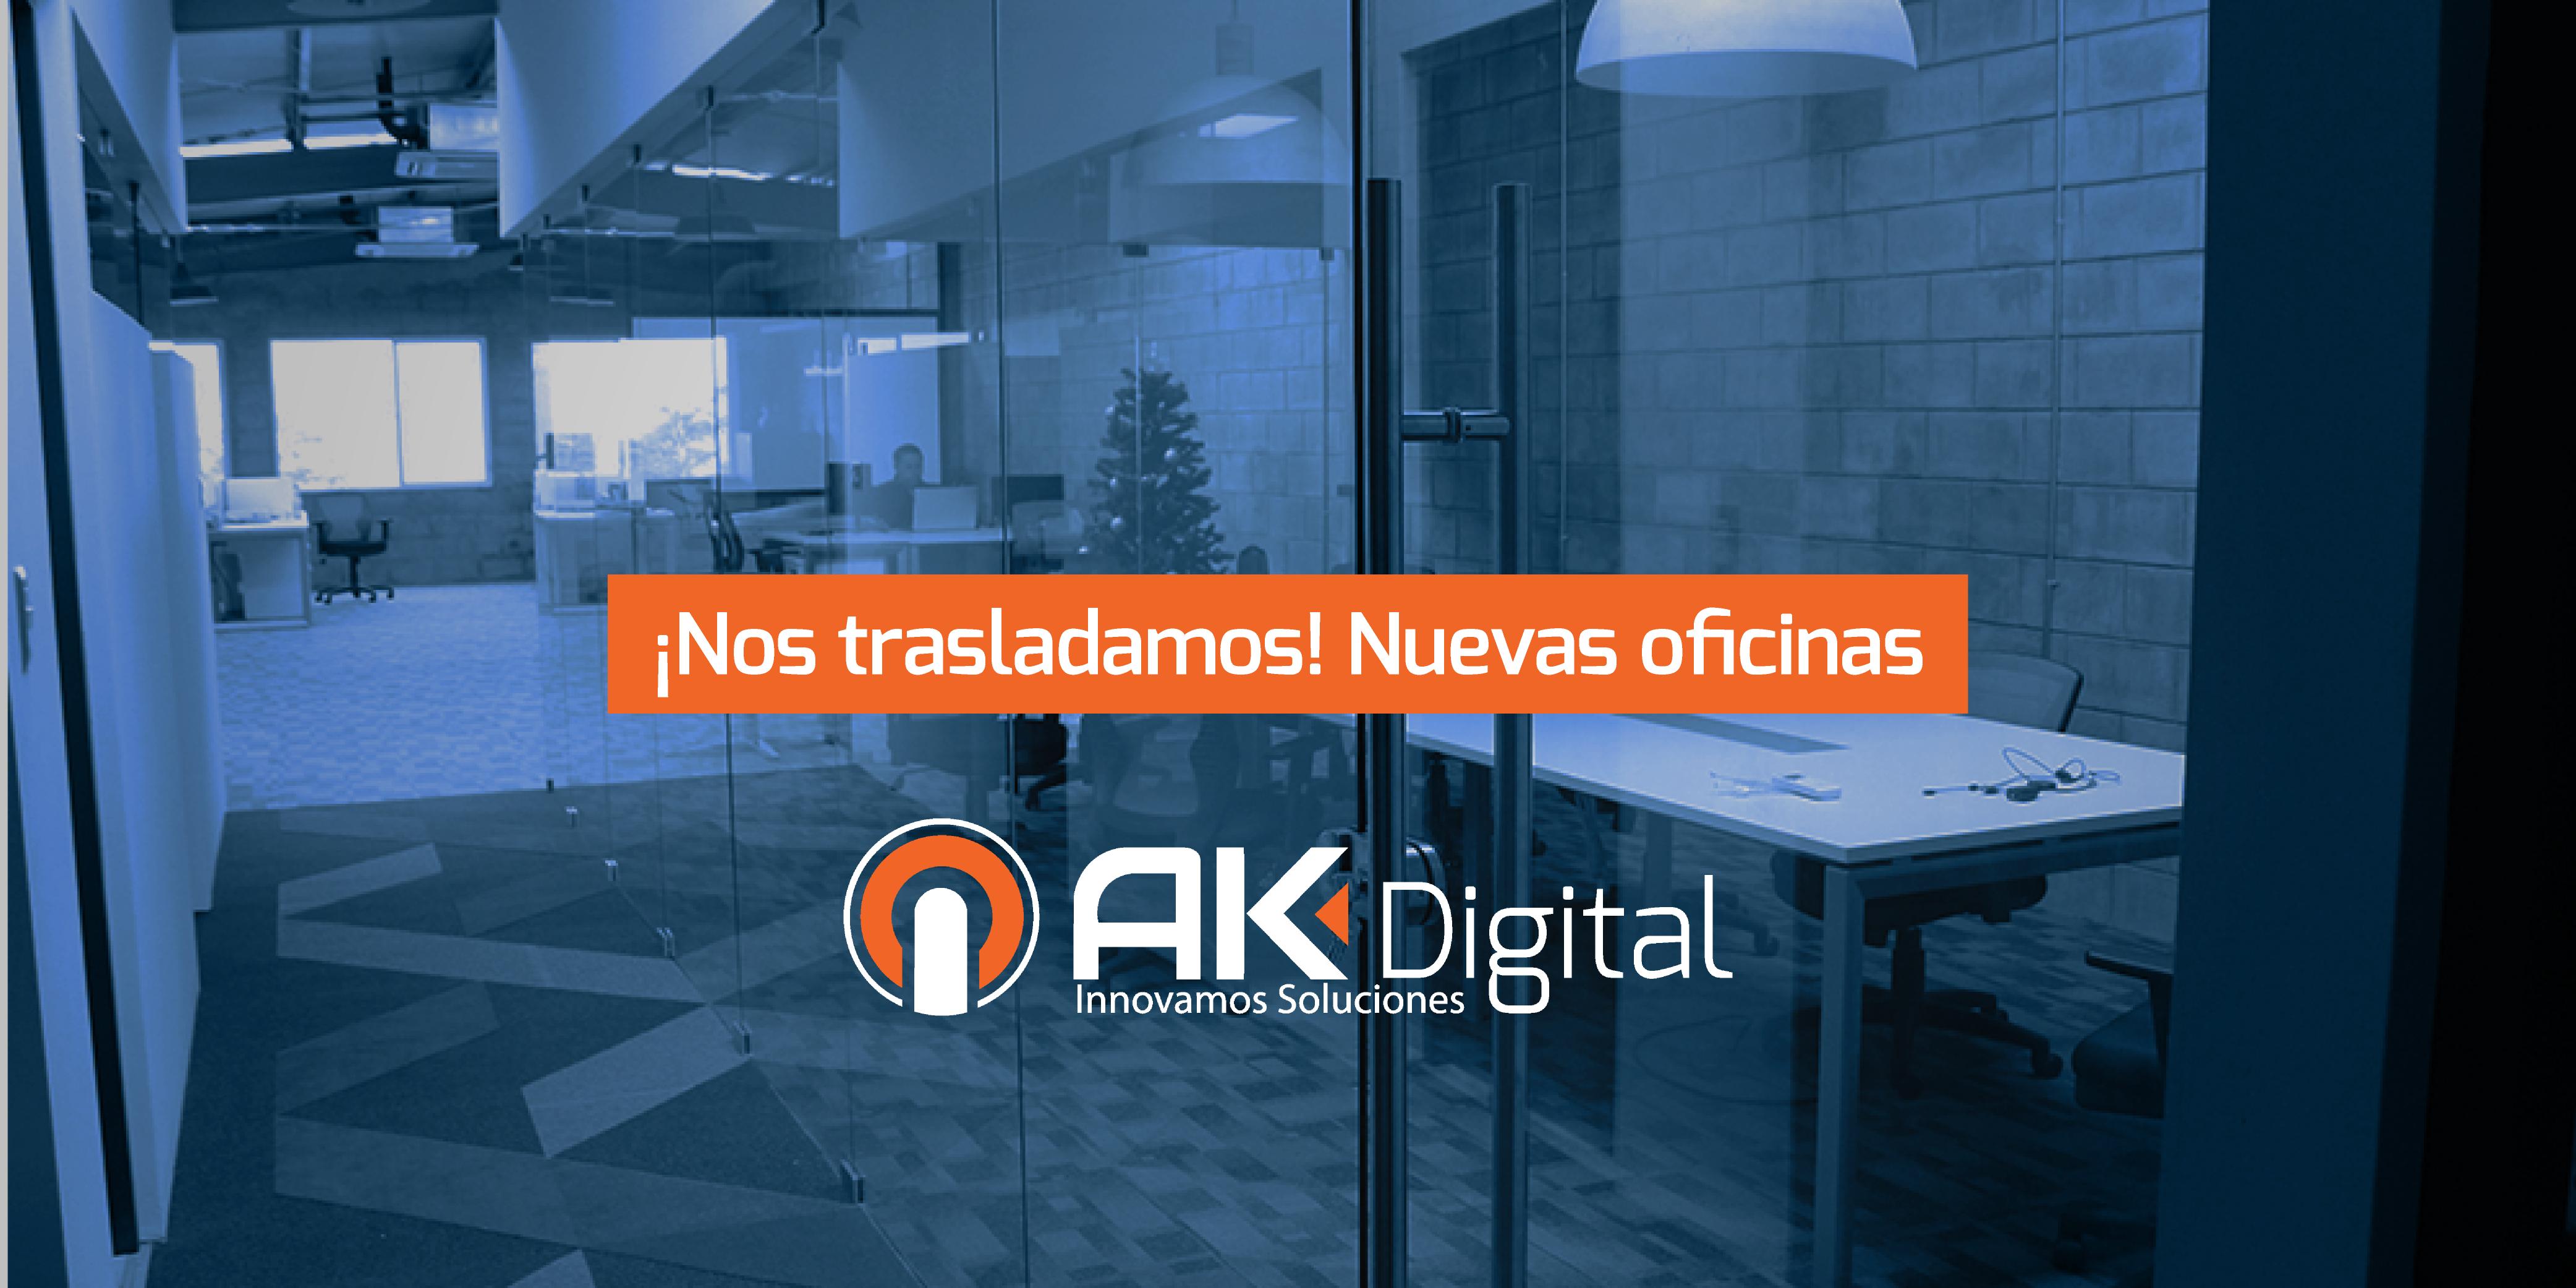 ¡Nos trasladamos! Nuevas oficinas AK Digital